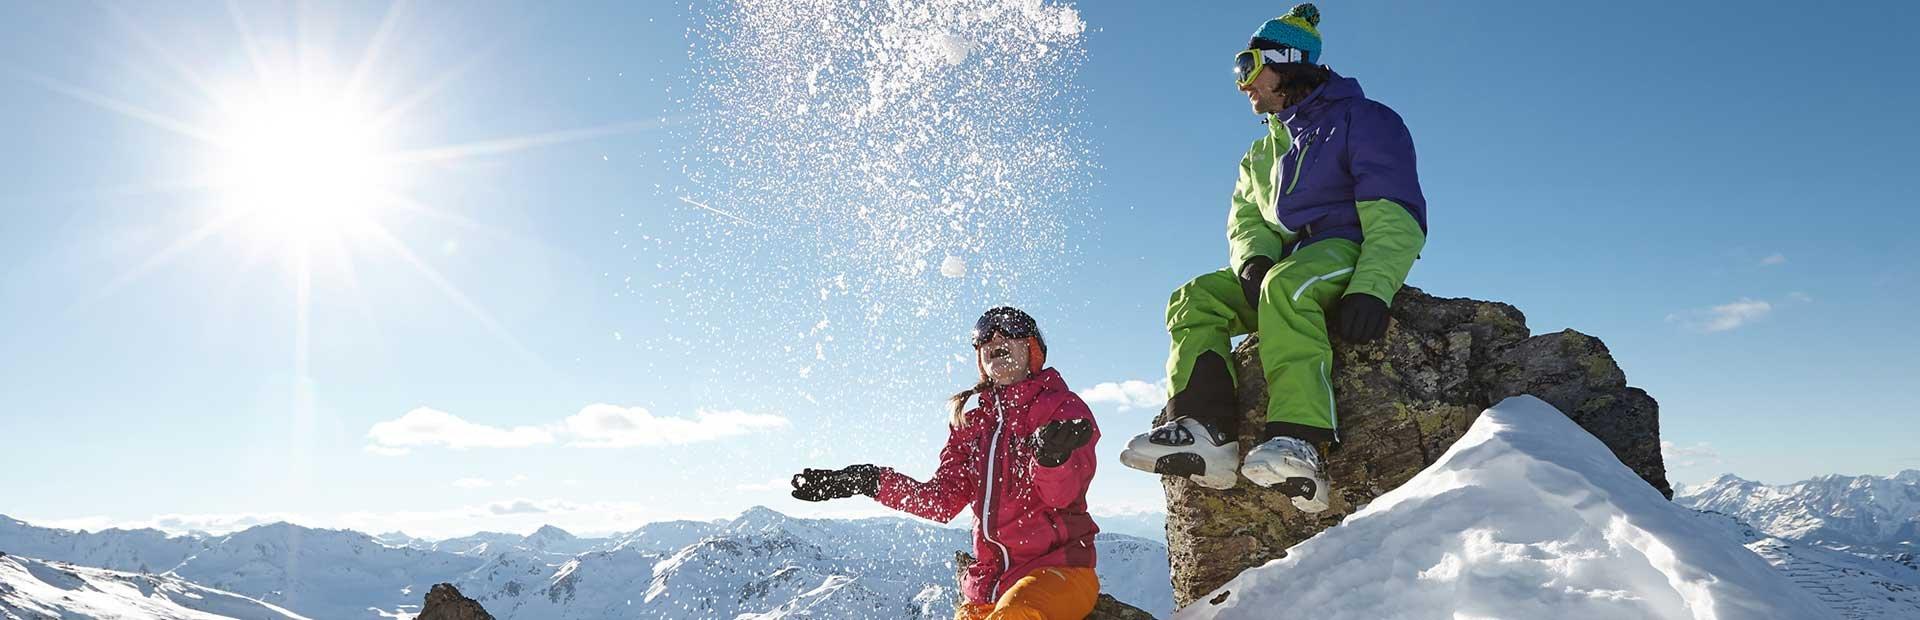 Hochfügen Schneeballschlacht Schneevergnügen Winterort